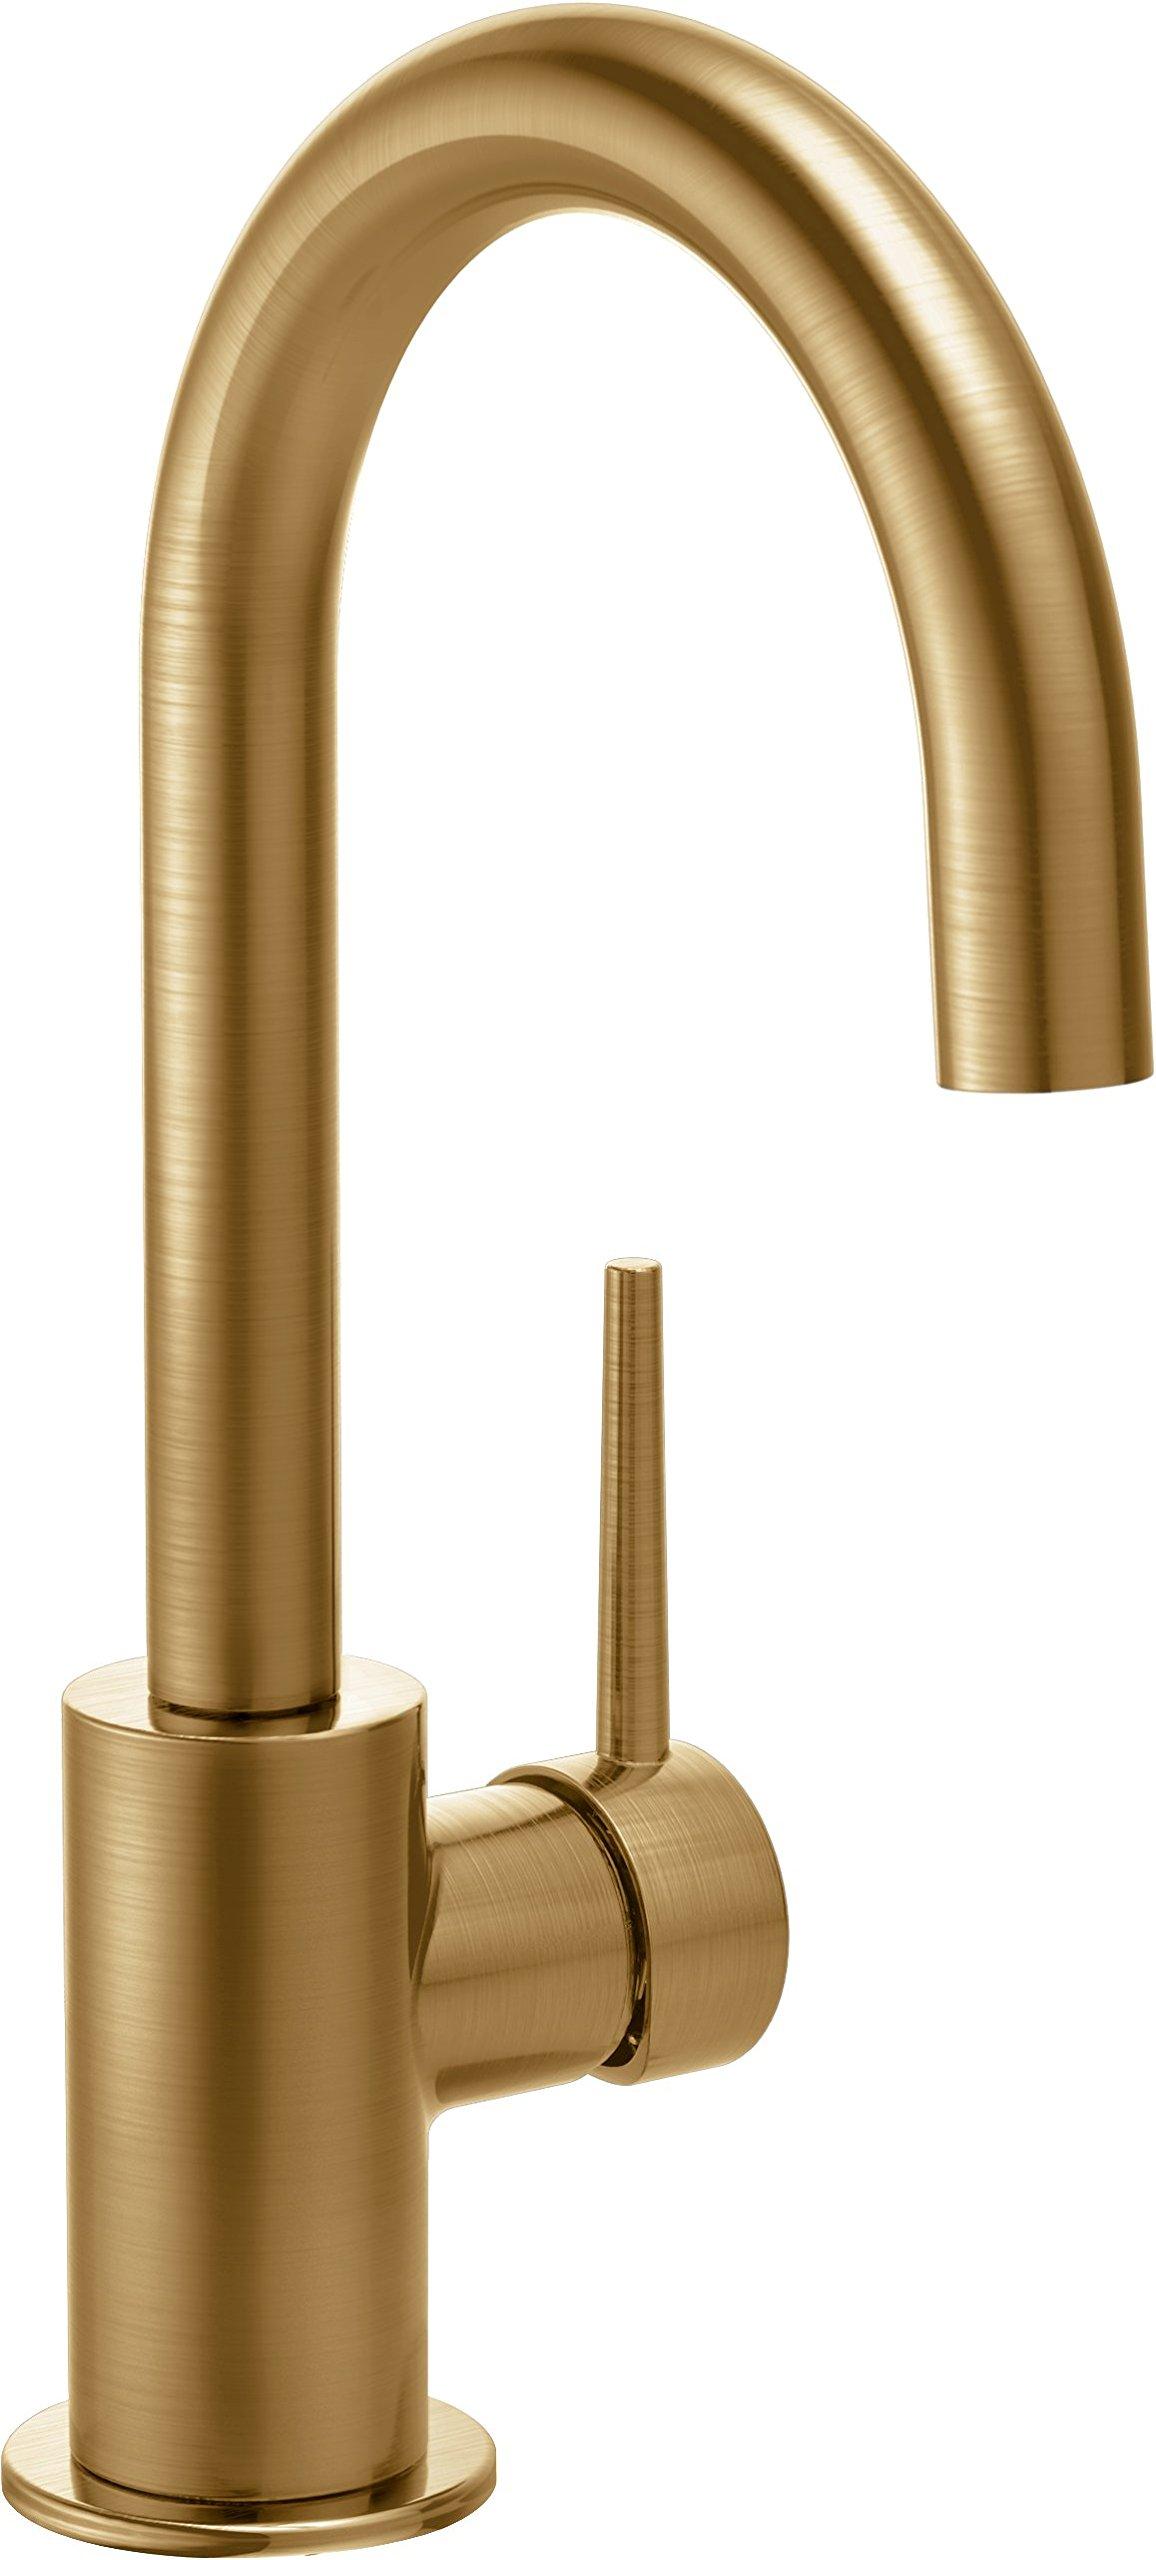 Delta Faucet Trinsic Single-Handle Bar-Prep Kitchen Sink Faucet, Champagne Bronze 1959LF-CZ by DELTA FAUCET